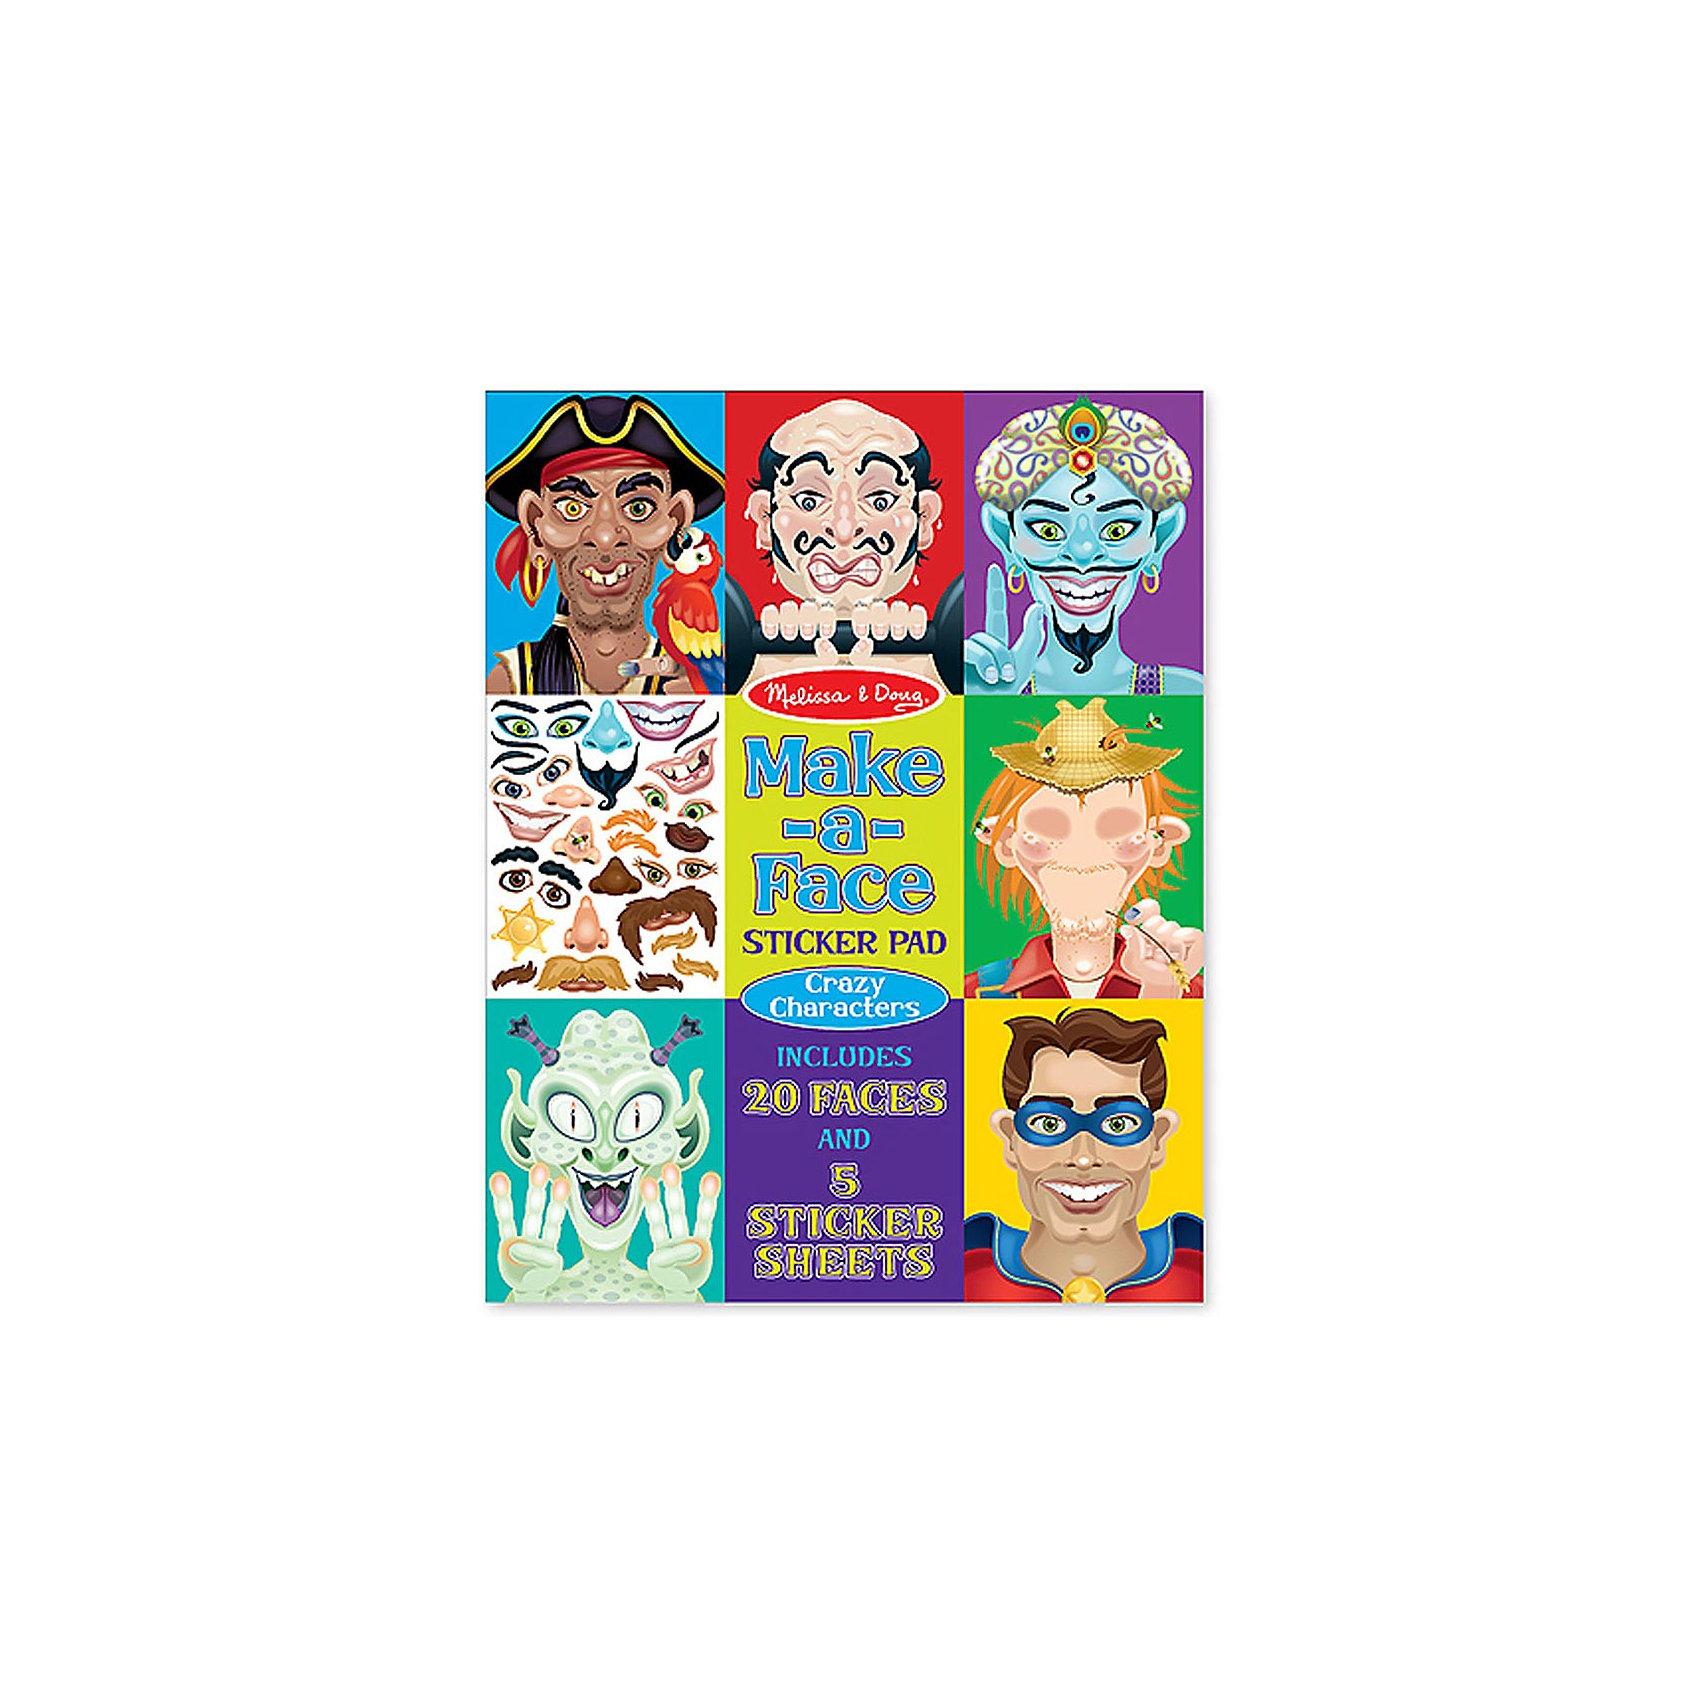 Набор стикеров Лица - Безумные героиДумаете, как порадовать ребенка? Такой набор - это отличный вариант подарка ребенку, который одновременно и развлечет малыша, и позволит ему развивать важные навыки. Это способствует развитию у малышей мелкой моторики, цветовосприятия, художественного вкуса, внимания и воображения. <br>Набор состоит из листов с заготовками, из которых можно создать портрет помощью наклеек. Это очень увлекательно! Набор отличается простотой использования и отличным качеством исполнения. <br><br>Дополнительная информация:<br><br>комплектация: пять листов с 160 наклейками, двадцать заготовок;<br>материал: бумага;<br>размер упаковки: 360 х 280 х 10 мм.<br><br>Набор стикеров Лица - Безумные герои от бренда Melissa&amp;Doug можно купить в нашем магазине.<br><br>Ширина мм: 280<br>Глубина мм: 10<br>Высота мм: 360<br>Вес г: 408<br>Возраст от месяцев: 48<br>Возраст до месяцев: 96<br>Пол: Унисекс<br>Возраст: Детский<br>SKU: 4993666